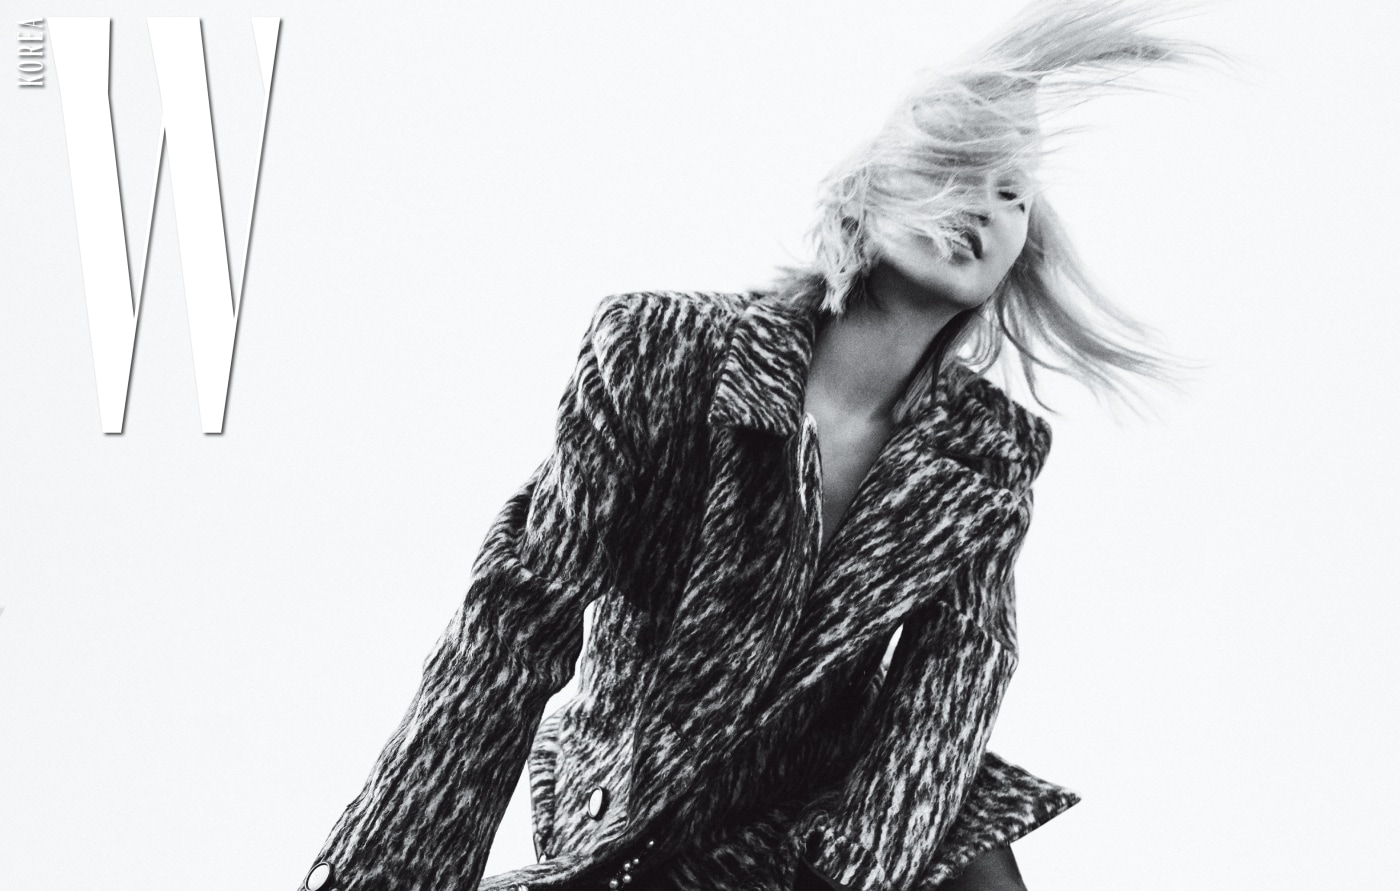 롱 코트, 카프스킨 소재의 글리터링 부츠, 목걸이는 모두 Chanel 제품.